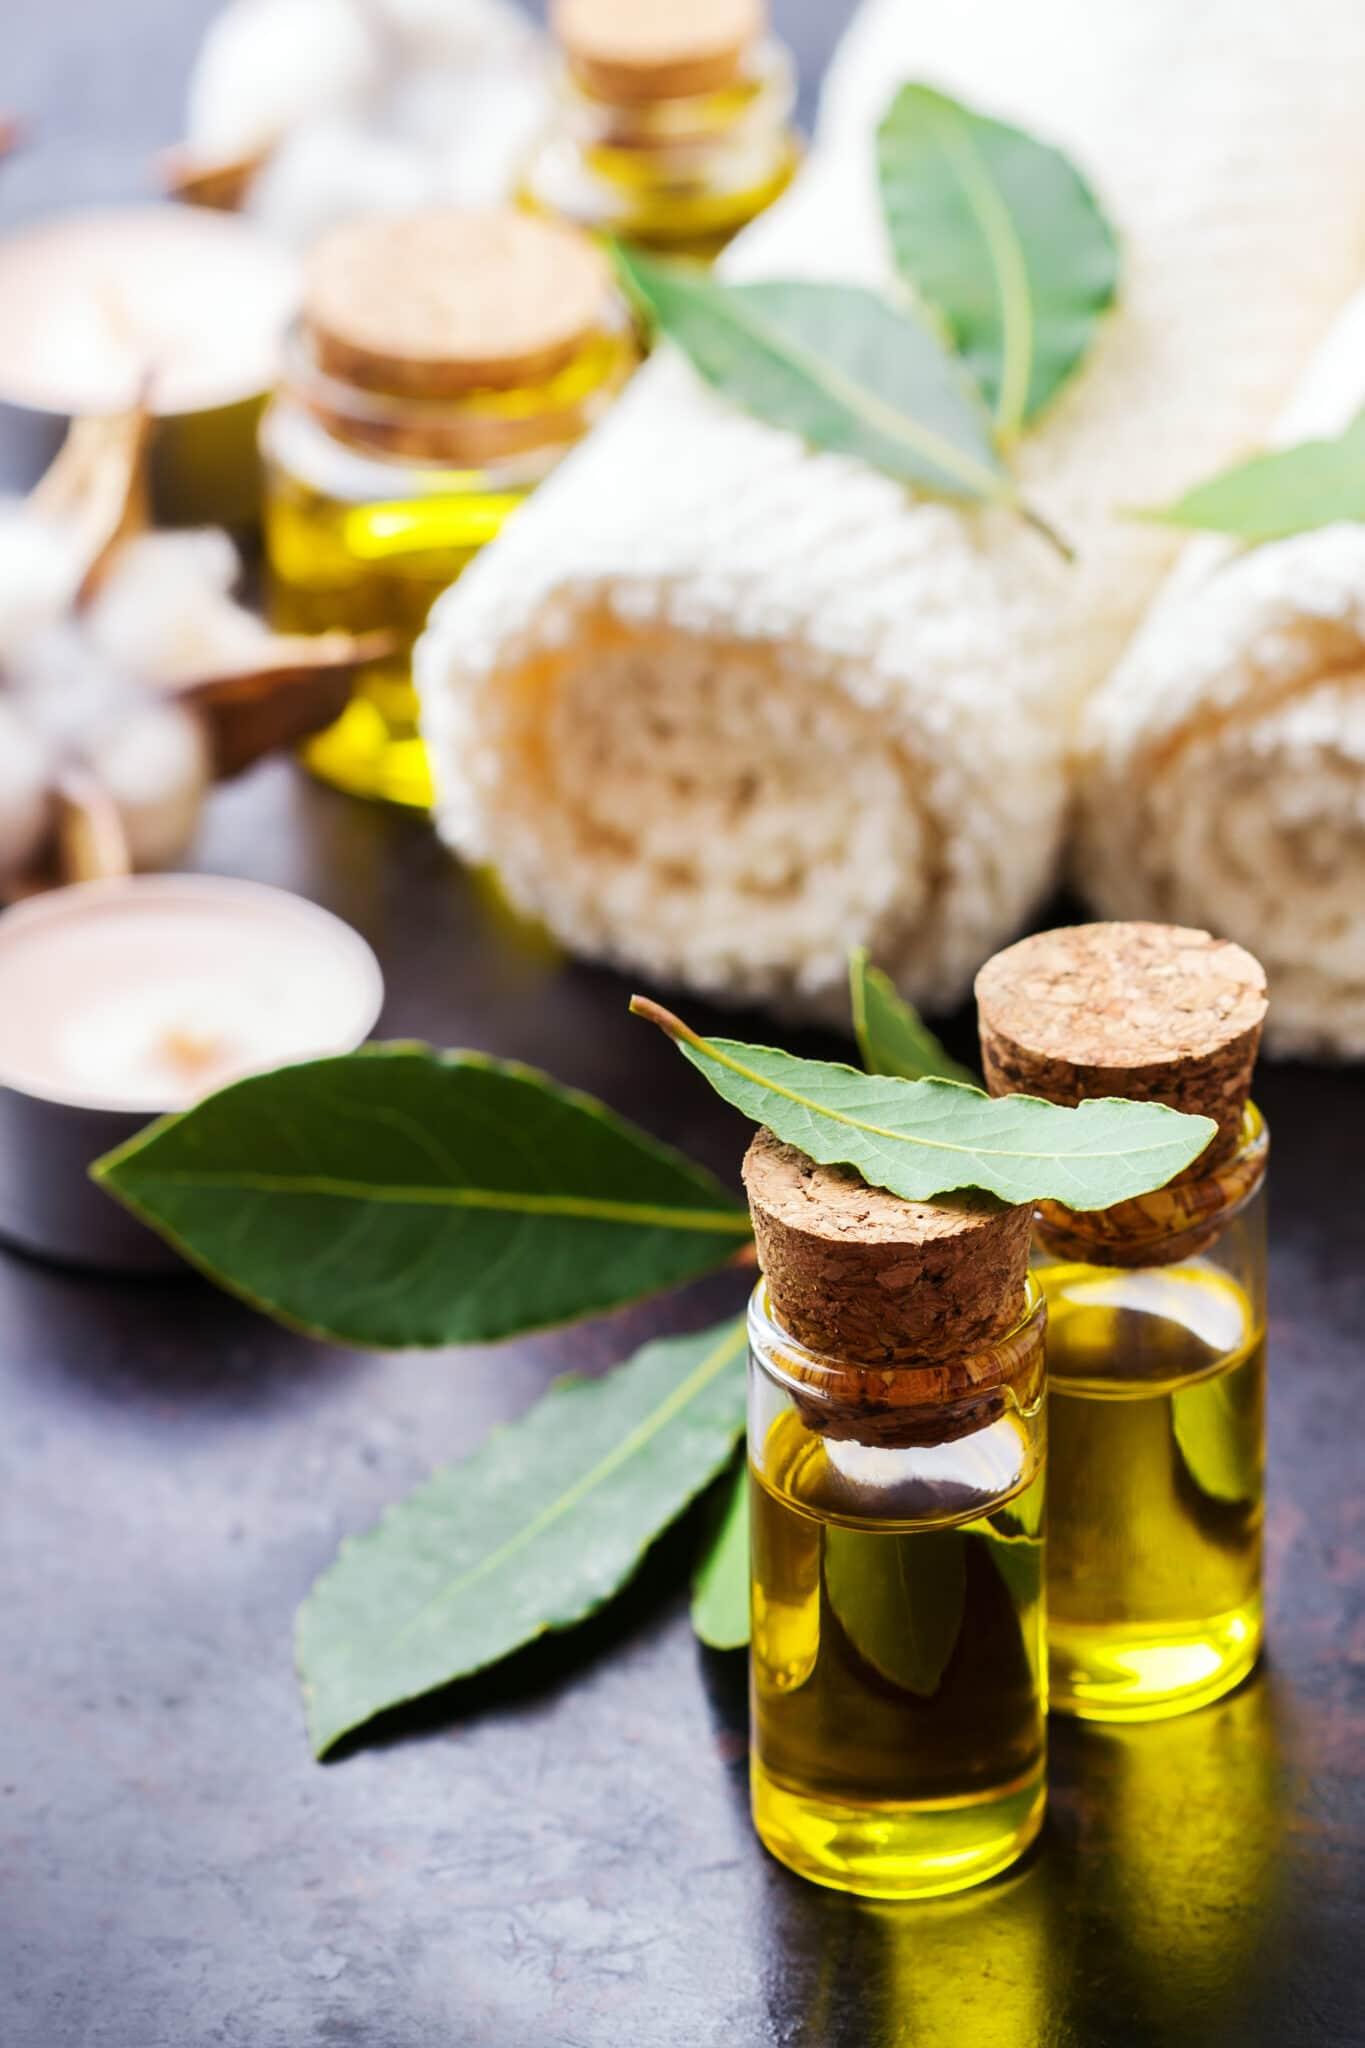 Gesundes Lebensstilkonzept.  Natürliches ätherisches Lorbeeröl, Essenz in Glasflasche mit Blättern auf einem rostigen schwarzen Tisch für Schönheit, Spa, Therapie